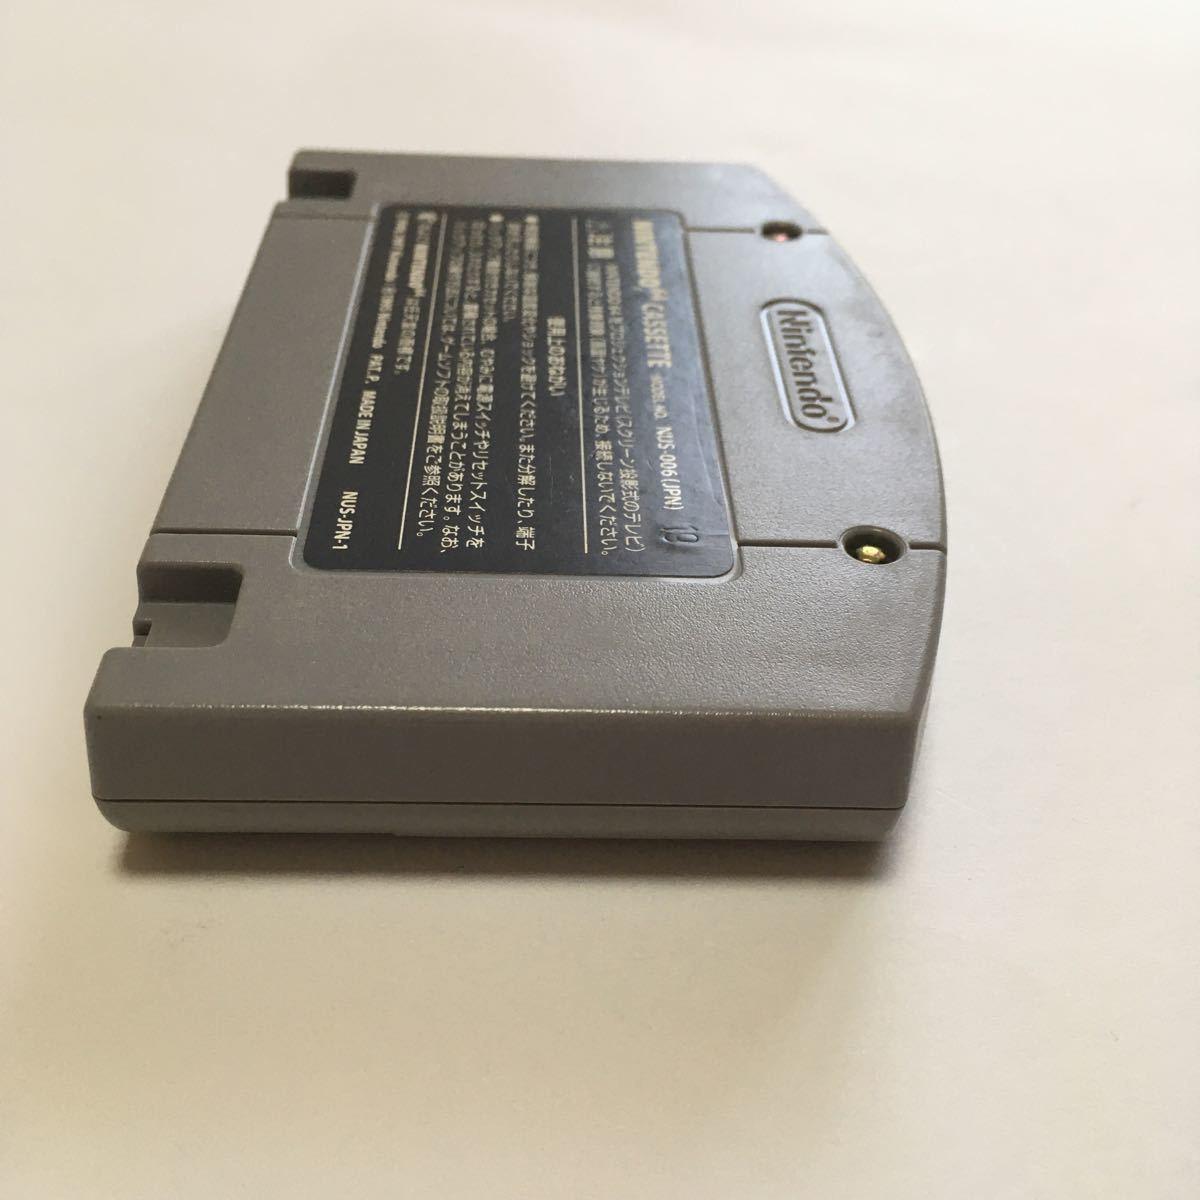 ニンテンドー64 ソフト 罪と罰 地球の継承者 動作確認済み レトロ ゲーム ロクヨン カセット 任天堂 Nintendo